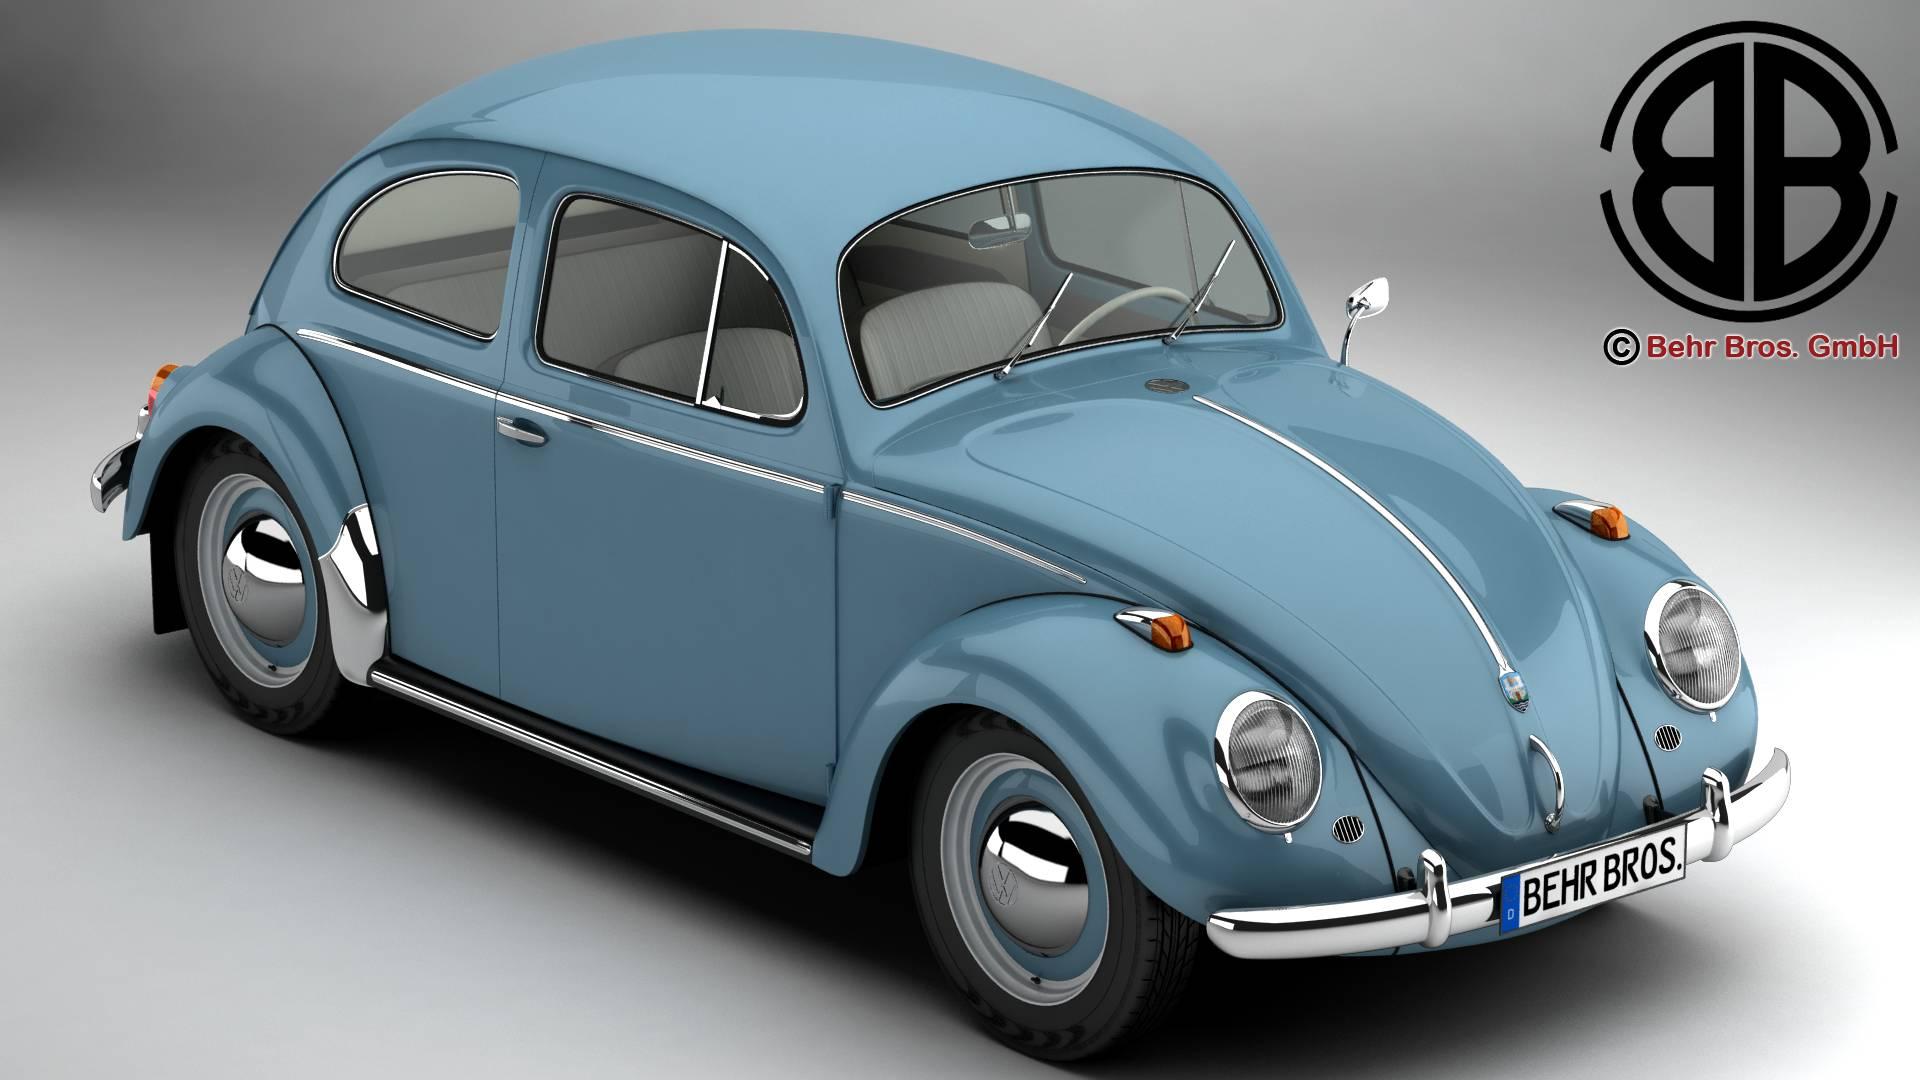 volkswagen beetle 1963 1200 deluxe 3d model 3ds max fbx c4d lwo ma mb obj 220272